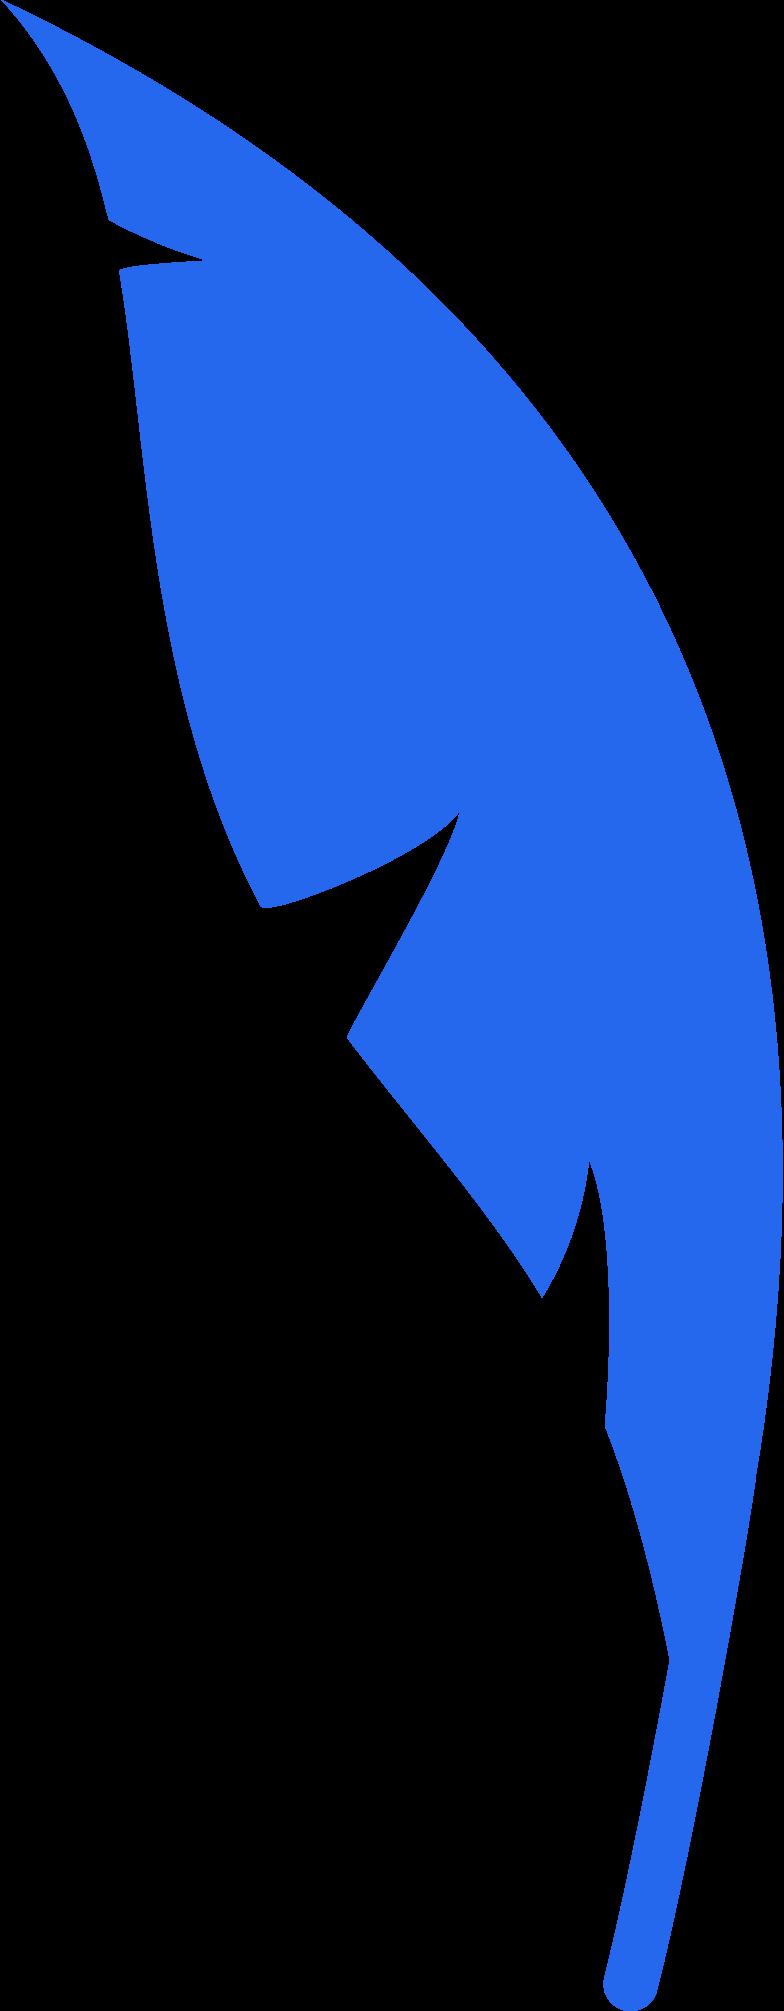 葉 のPNG、SVGクリップアートイラスト